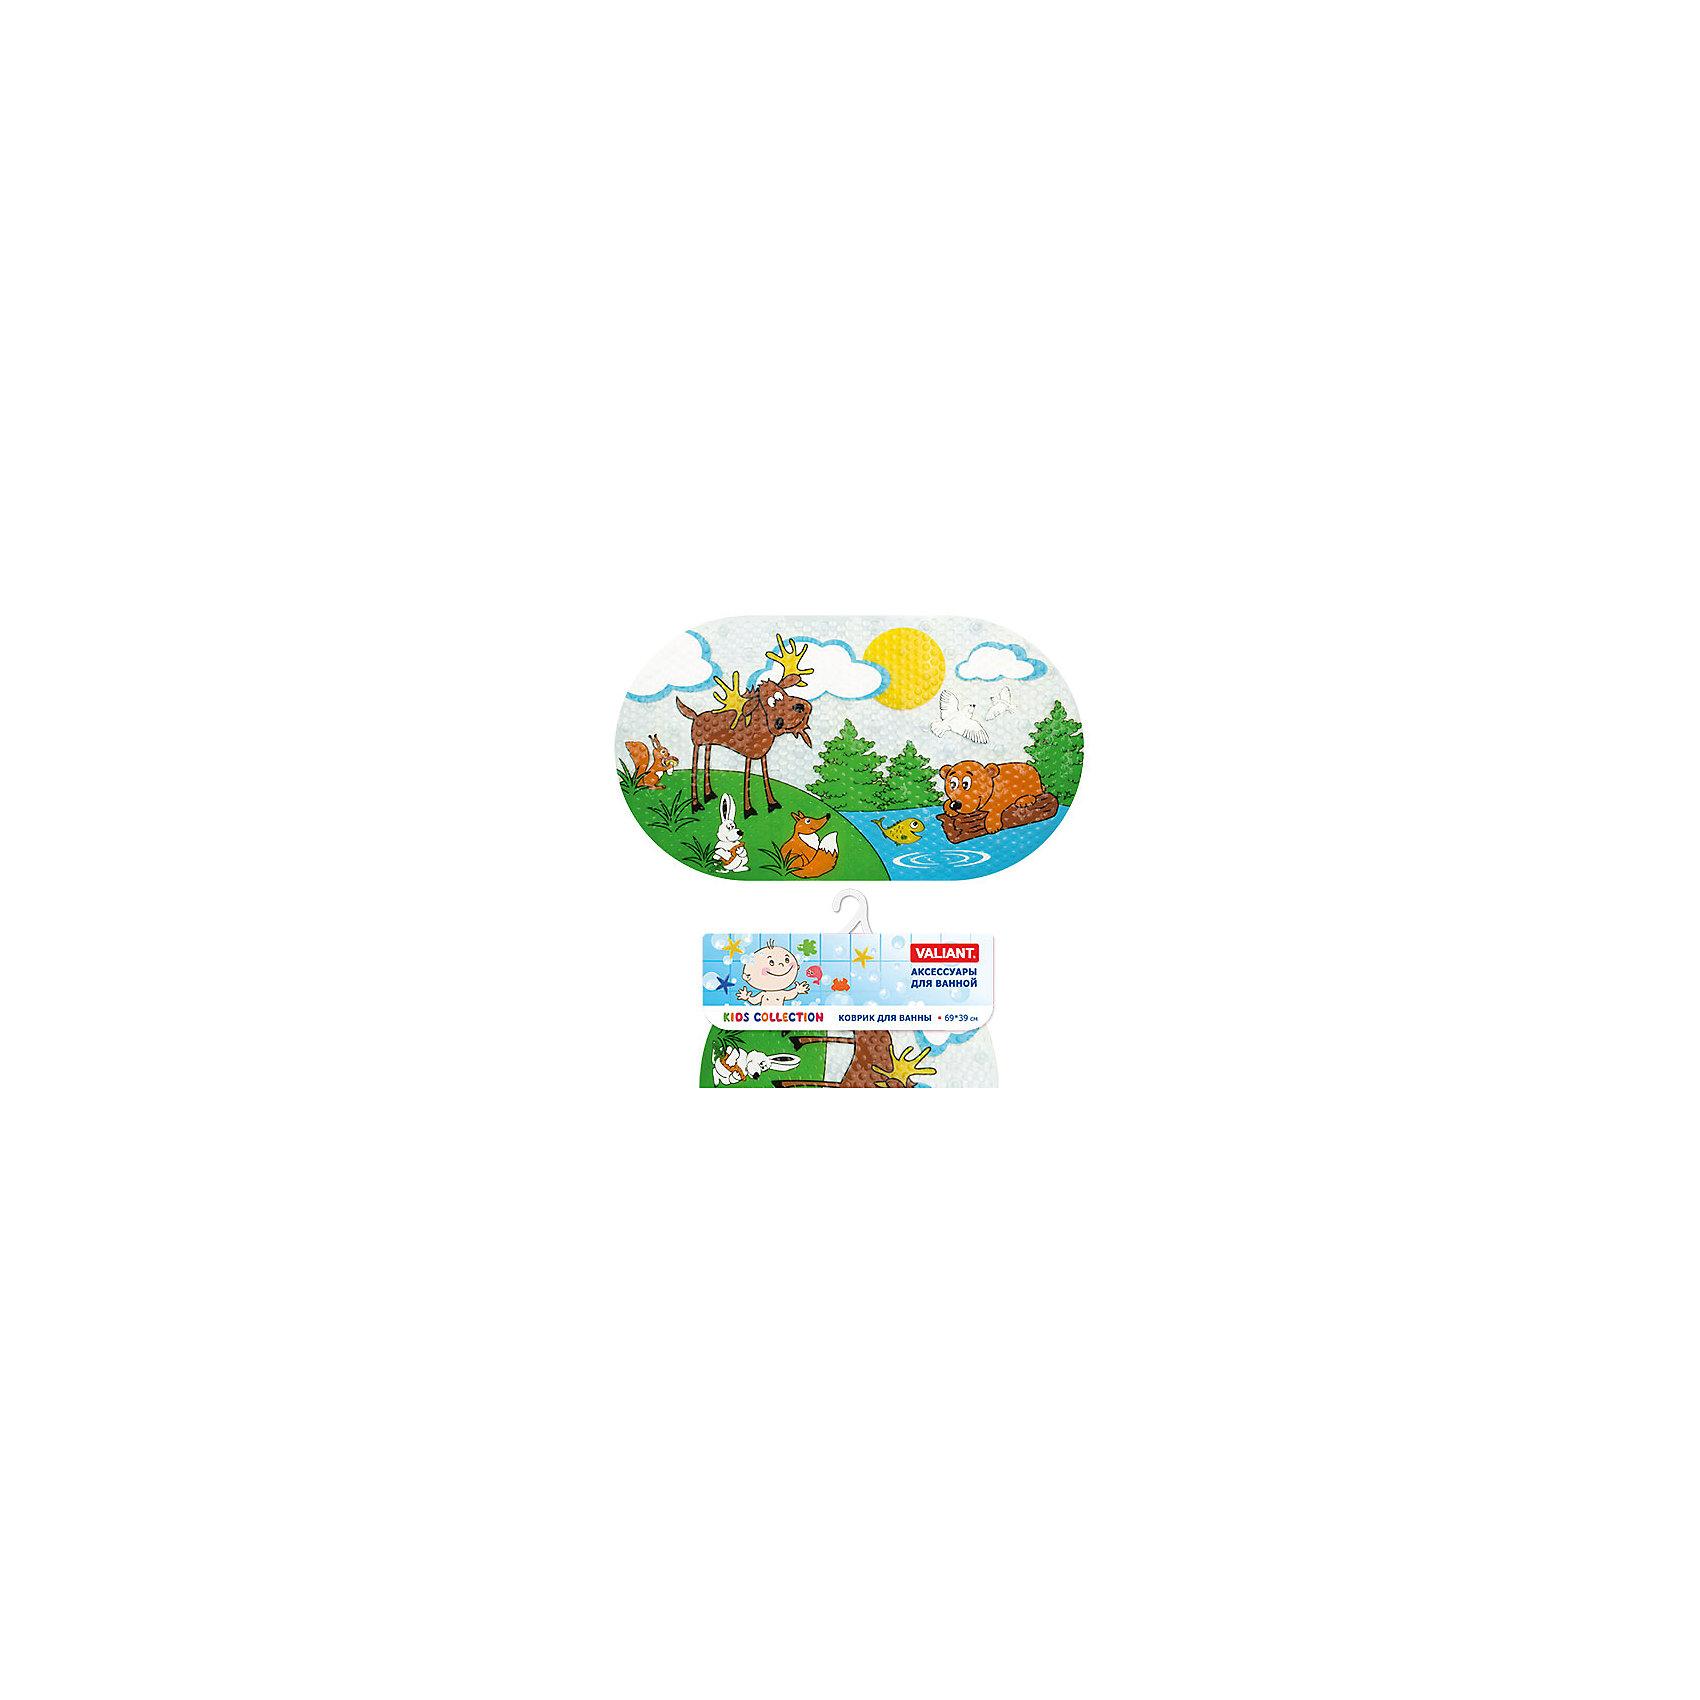 Коврик для ванны Лесные животные 69*39 смКоврик для ванны Лесные животные 69*39 см. украшен изображением веселых зеленых лягушат. Он идеально подходит для ванны и душа и обеспечивает надежную защиту от скольжения и падения во время водных процедур или на мокром полу ванной. Коврик хорошо прилегает к любой ровной поверхности с помощью множества присосок. Изделие выполнено из поливинилхлорида с антибактериальным покрытием, не содержащего вредных добавок и полностью безопасного для здоровья малыша. Его неоднородная рифлёная поверхность обладает массажным эффектом и способствует развитию моторики. Оригинальная овальная форма и приятная цветовая гамма оживят интерьер и подарят хорошее настроение при купании.<br><br>Дополнительная информация: <br><br>- возраст: от 1 года.<br>- материал: поливинилхлорид с антибактериальными добавками.<br>- размер: 69*39 см.<br>- вес: 525 гр.<br><br>Коврик для ванны Лесные животные 69*39 см можно купить в нашем интернет-магазине.<br><br>Ширина мм: 390<br>Глубина мм: 30<br>Высота мм: 760<br>Вес г: 541<br>Возраст от месяцев: -2147483648<br>Возраст до месяцев: 2147483647<br>Пол: Унисекс<br>Возраст: Детский<br>SKU: 4563356